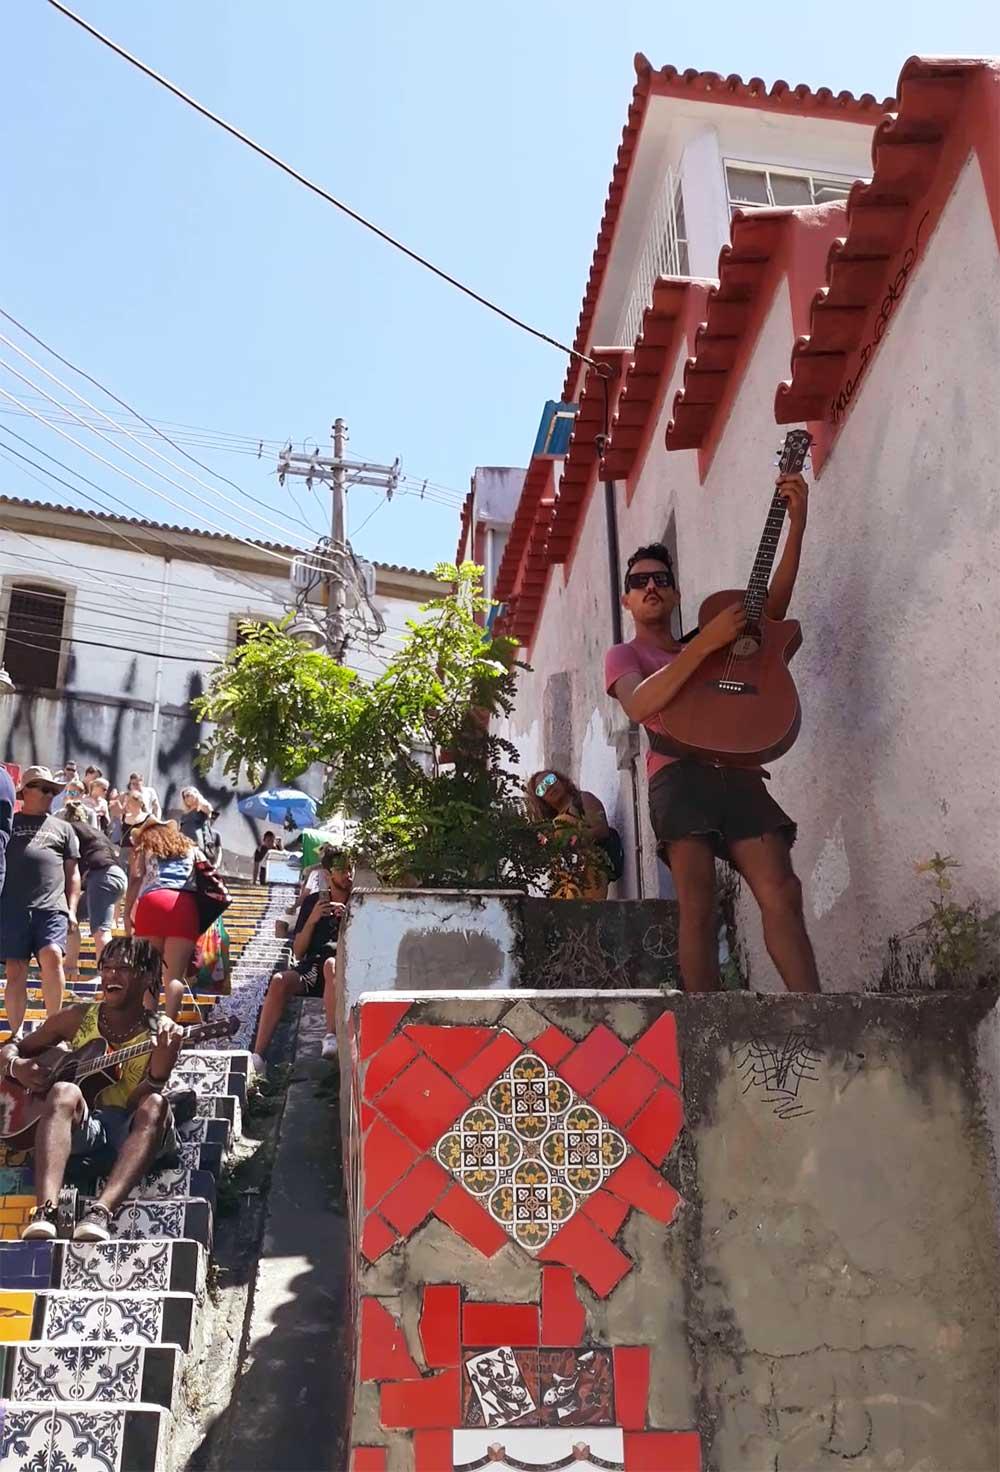 Musiciens-Escalier-Selaron-Rio-de-Janeiro